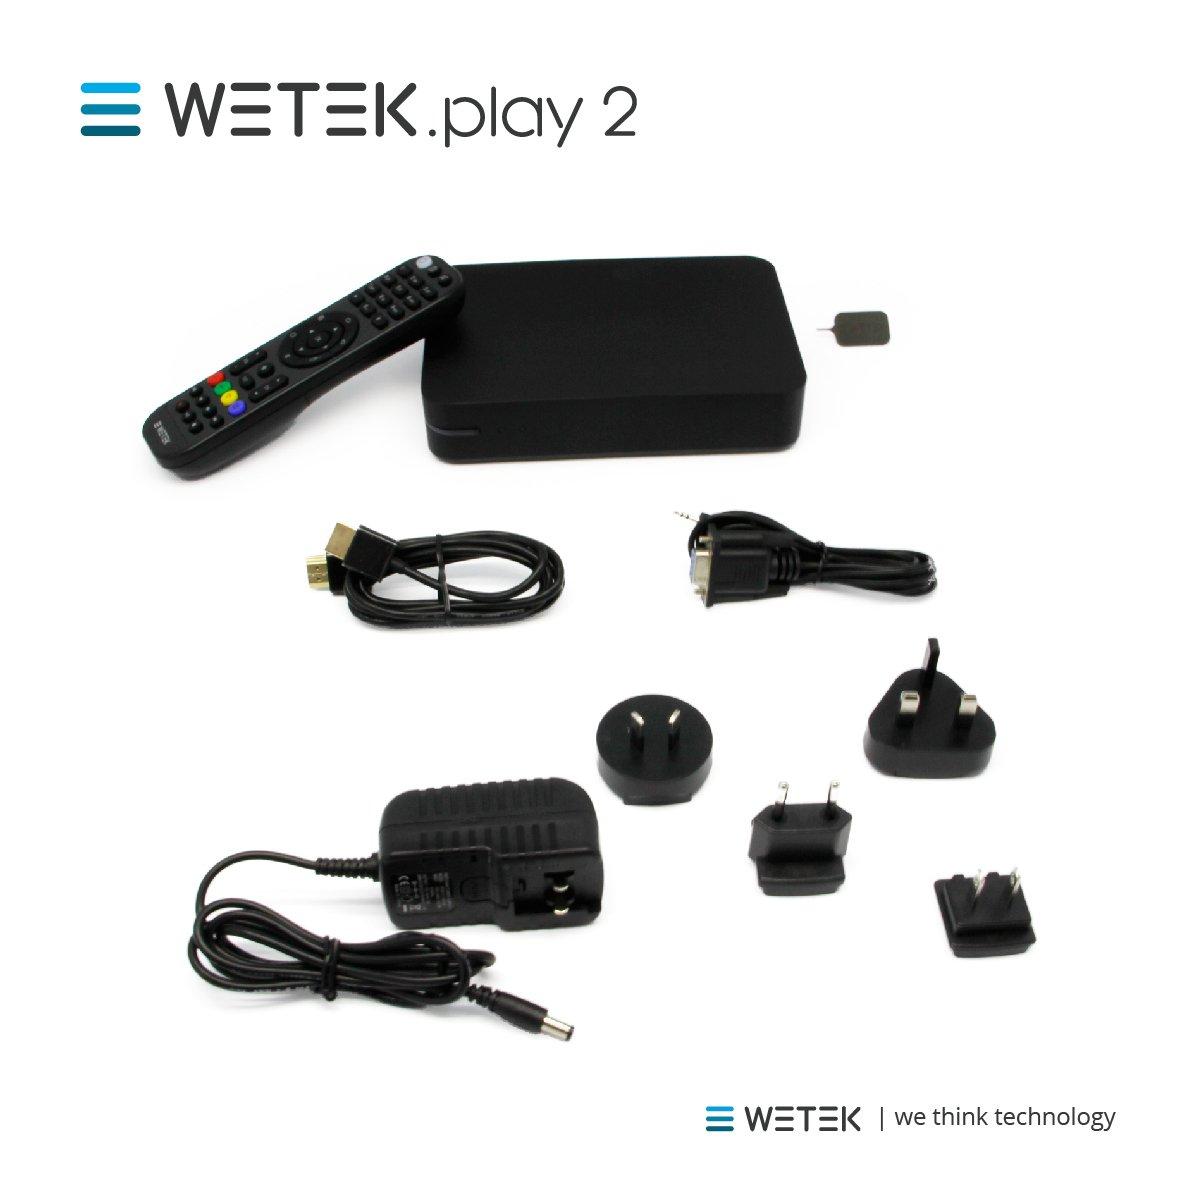 WeTek Play 2 Box IPTV // OTT 2GB DDR3 H265 immagine 4k Ultra HD Il lettore multimediale ibrido con sintonizzatore TV integrato basato su Android certificato DTS DVB-S2